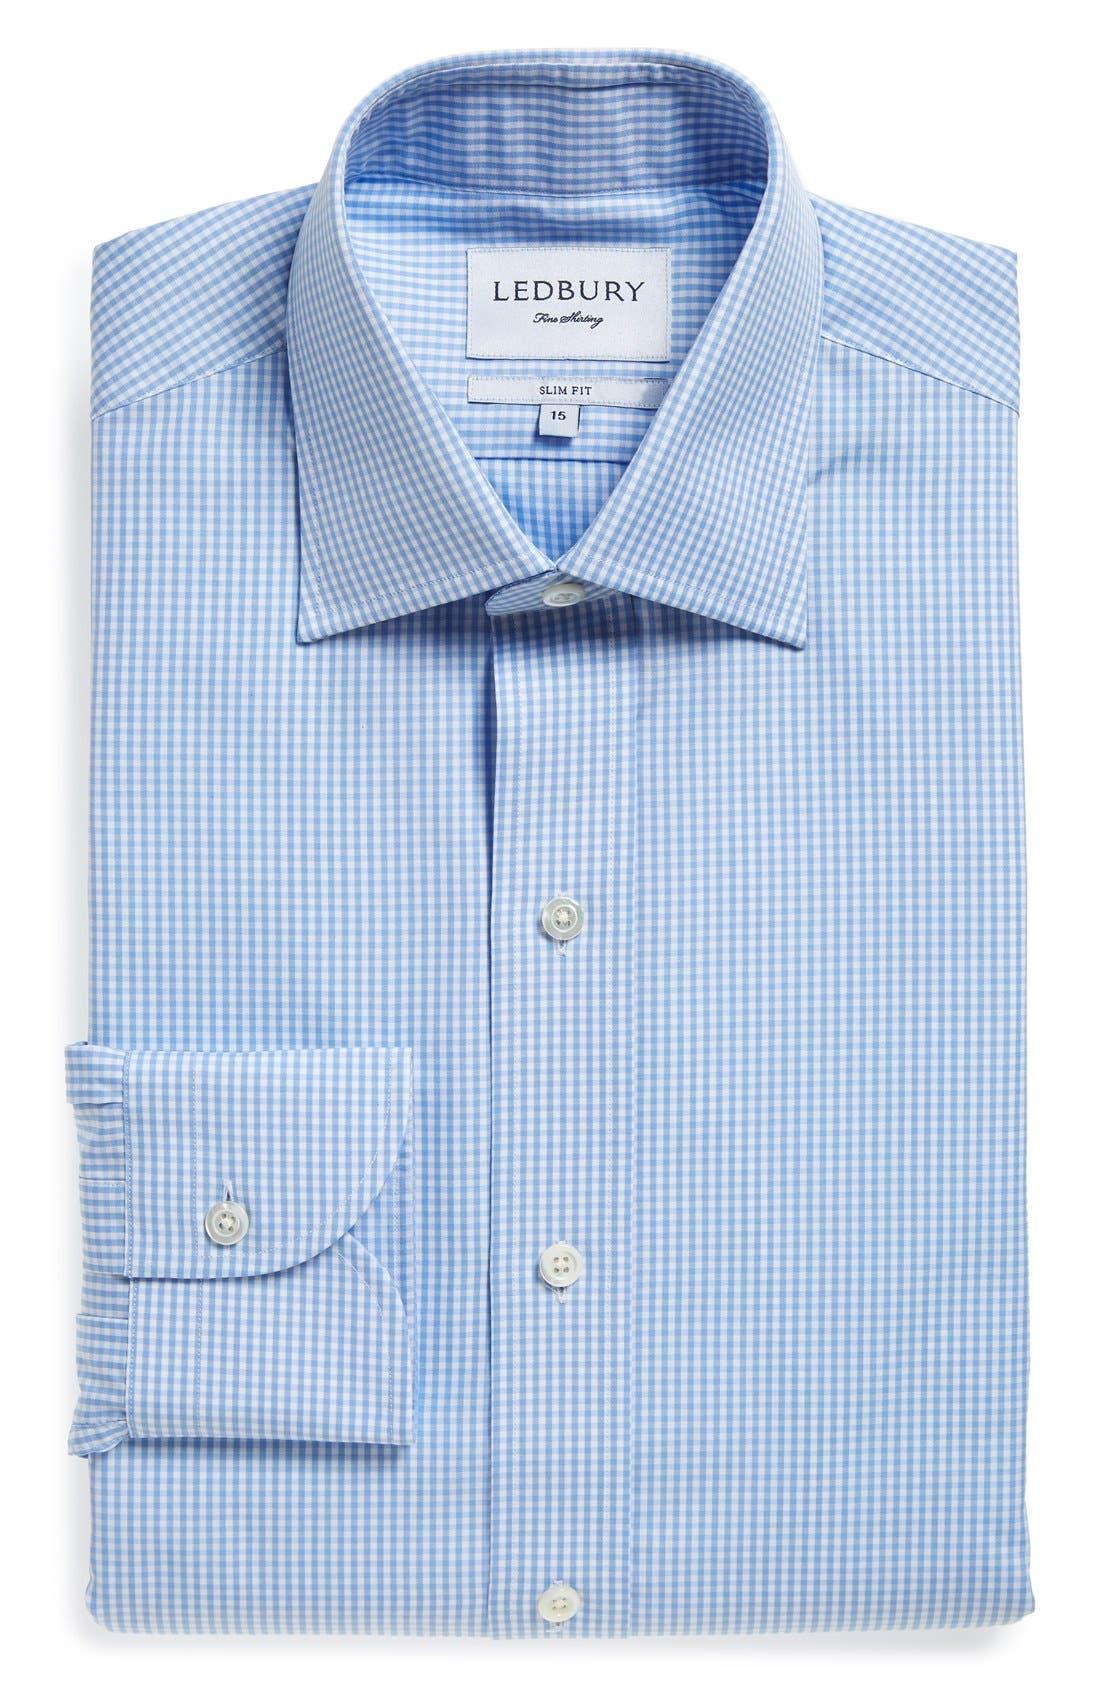 Ledbury 'Blue Gingham' Slim Fit Check Dress Shirt